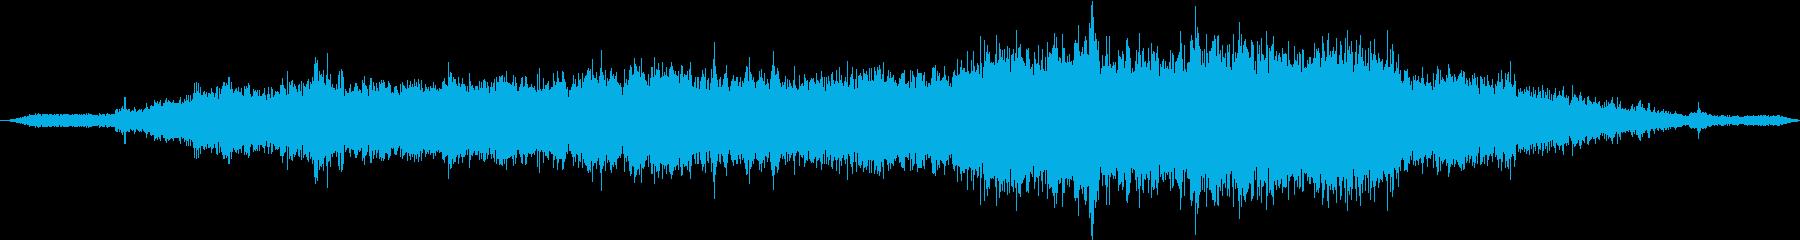 救急車:ディーゼルエンジン:Int...の再生済みの波形